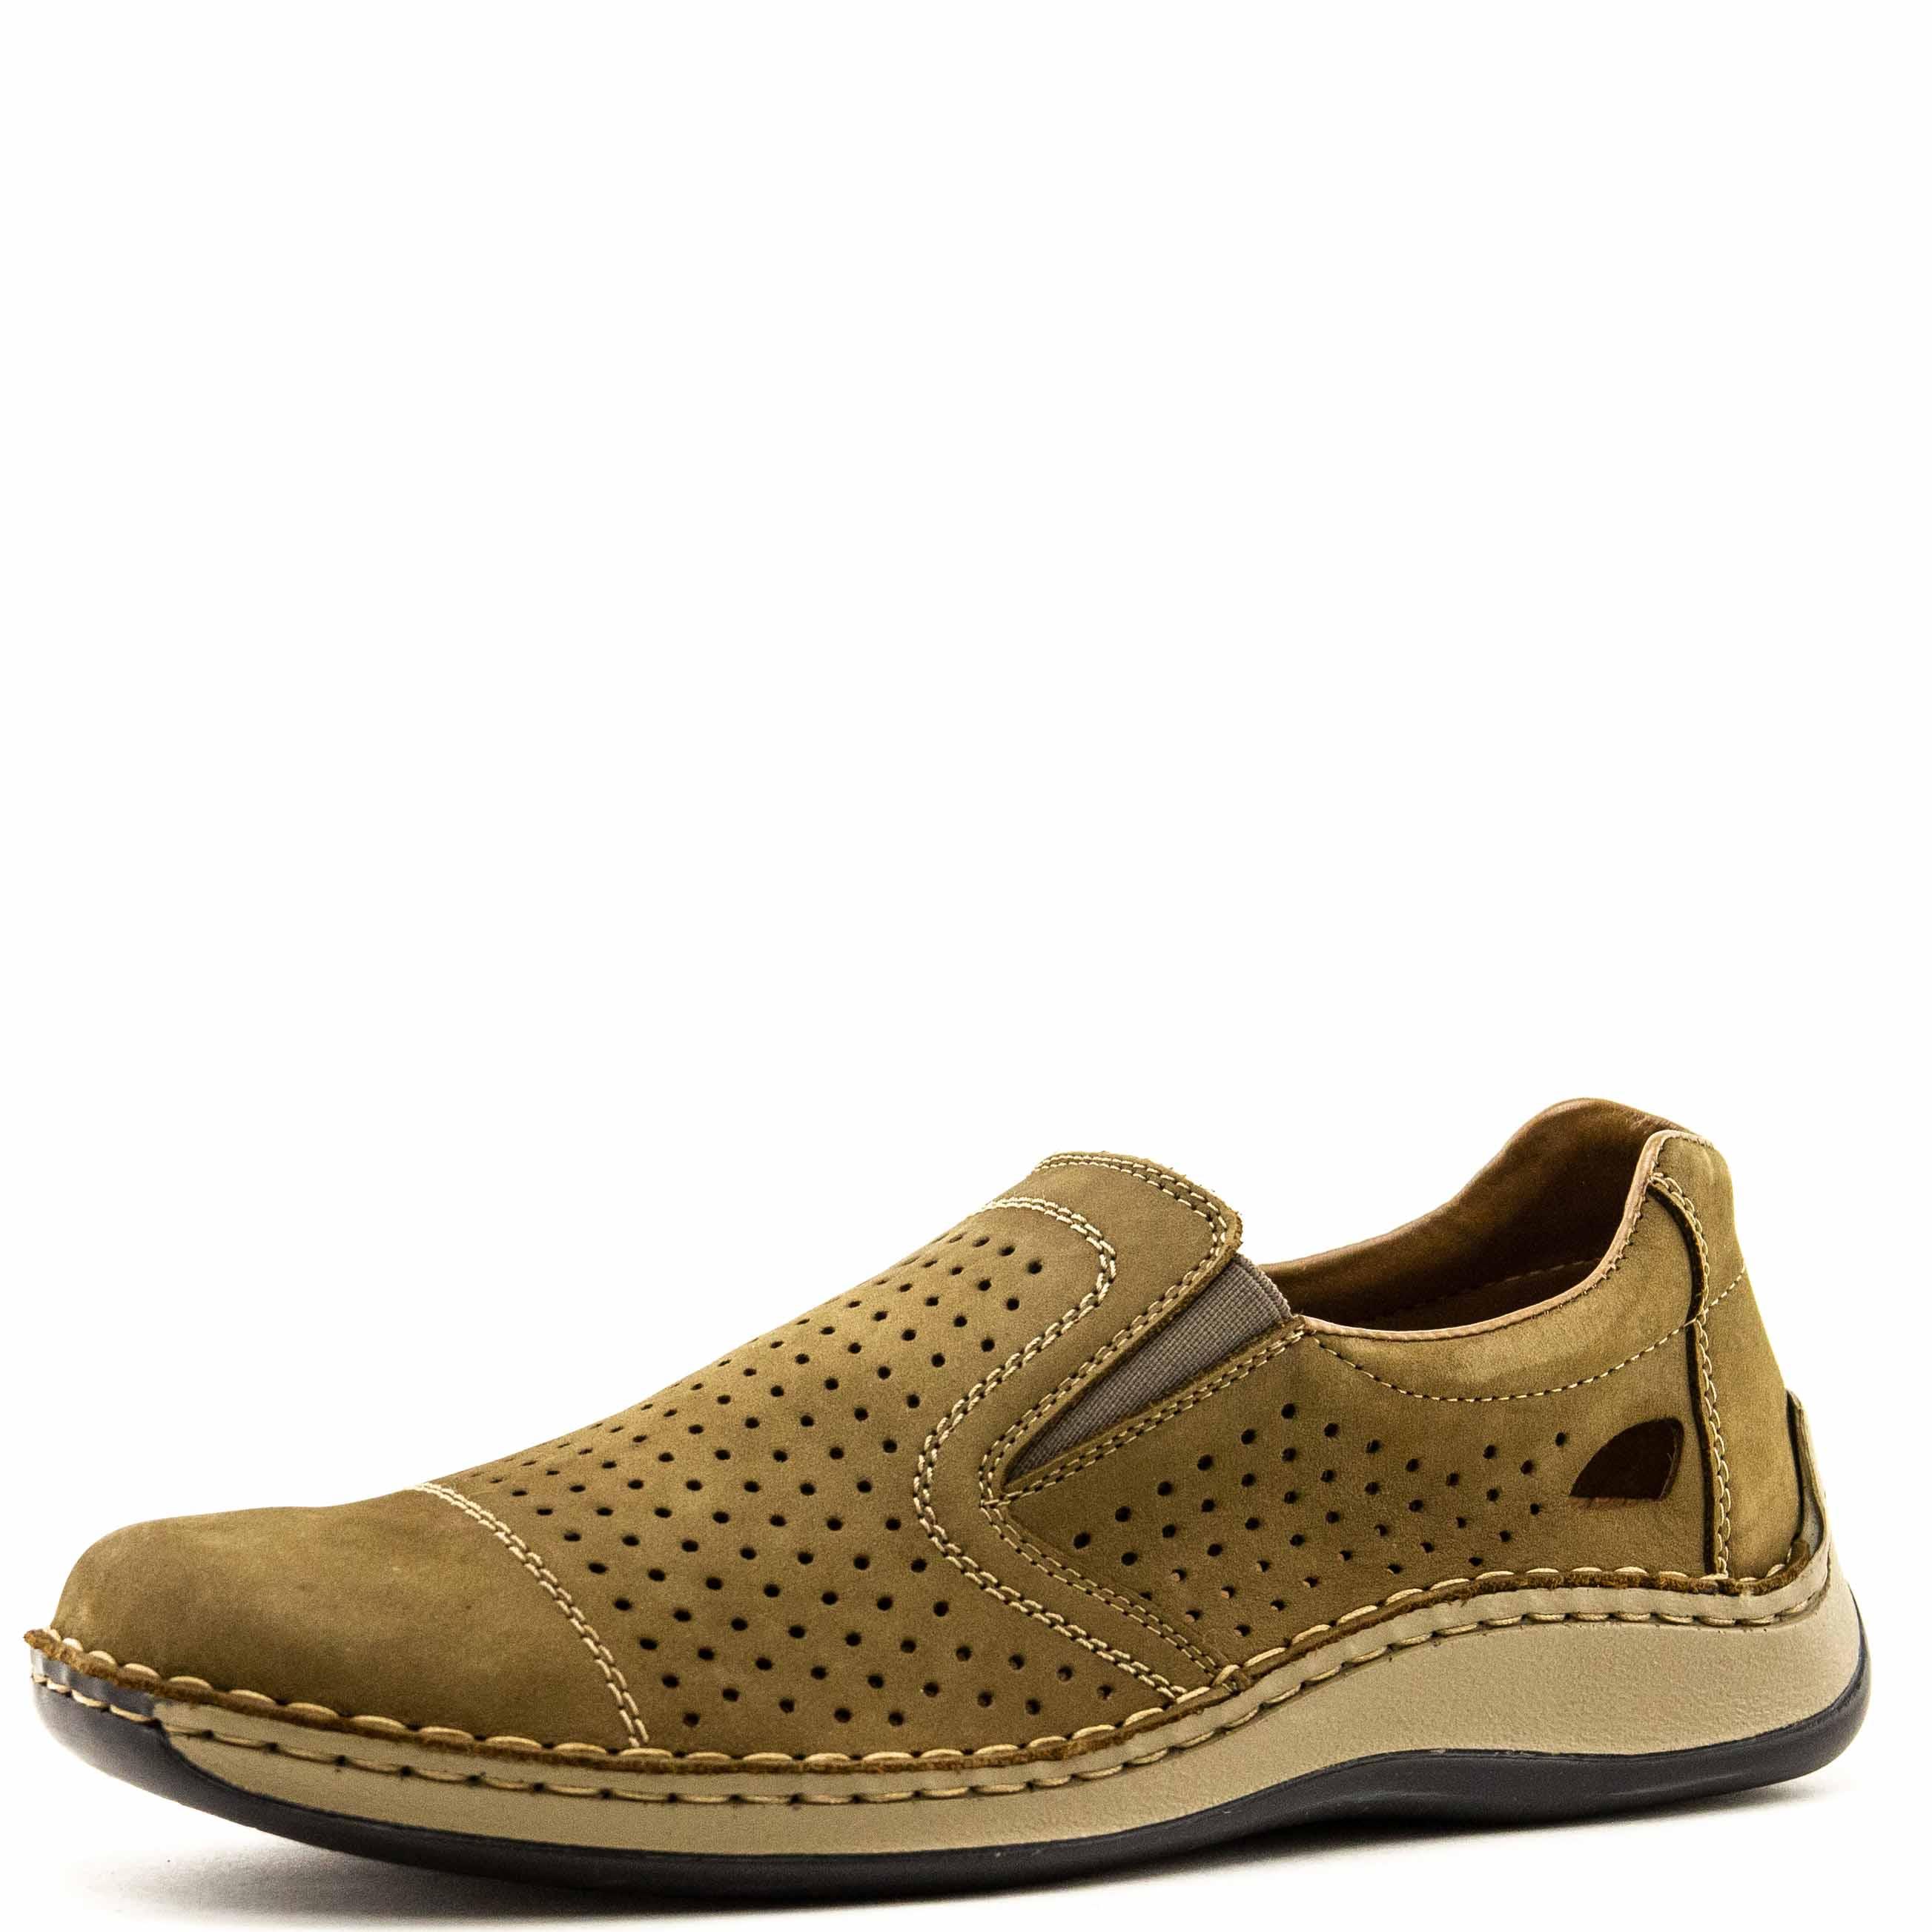 05286/64 Полуботинки мужские Rieker|Повседневная обувь|   | АлиЭкспресс